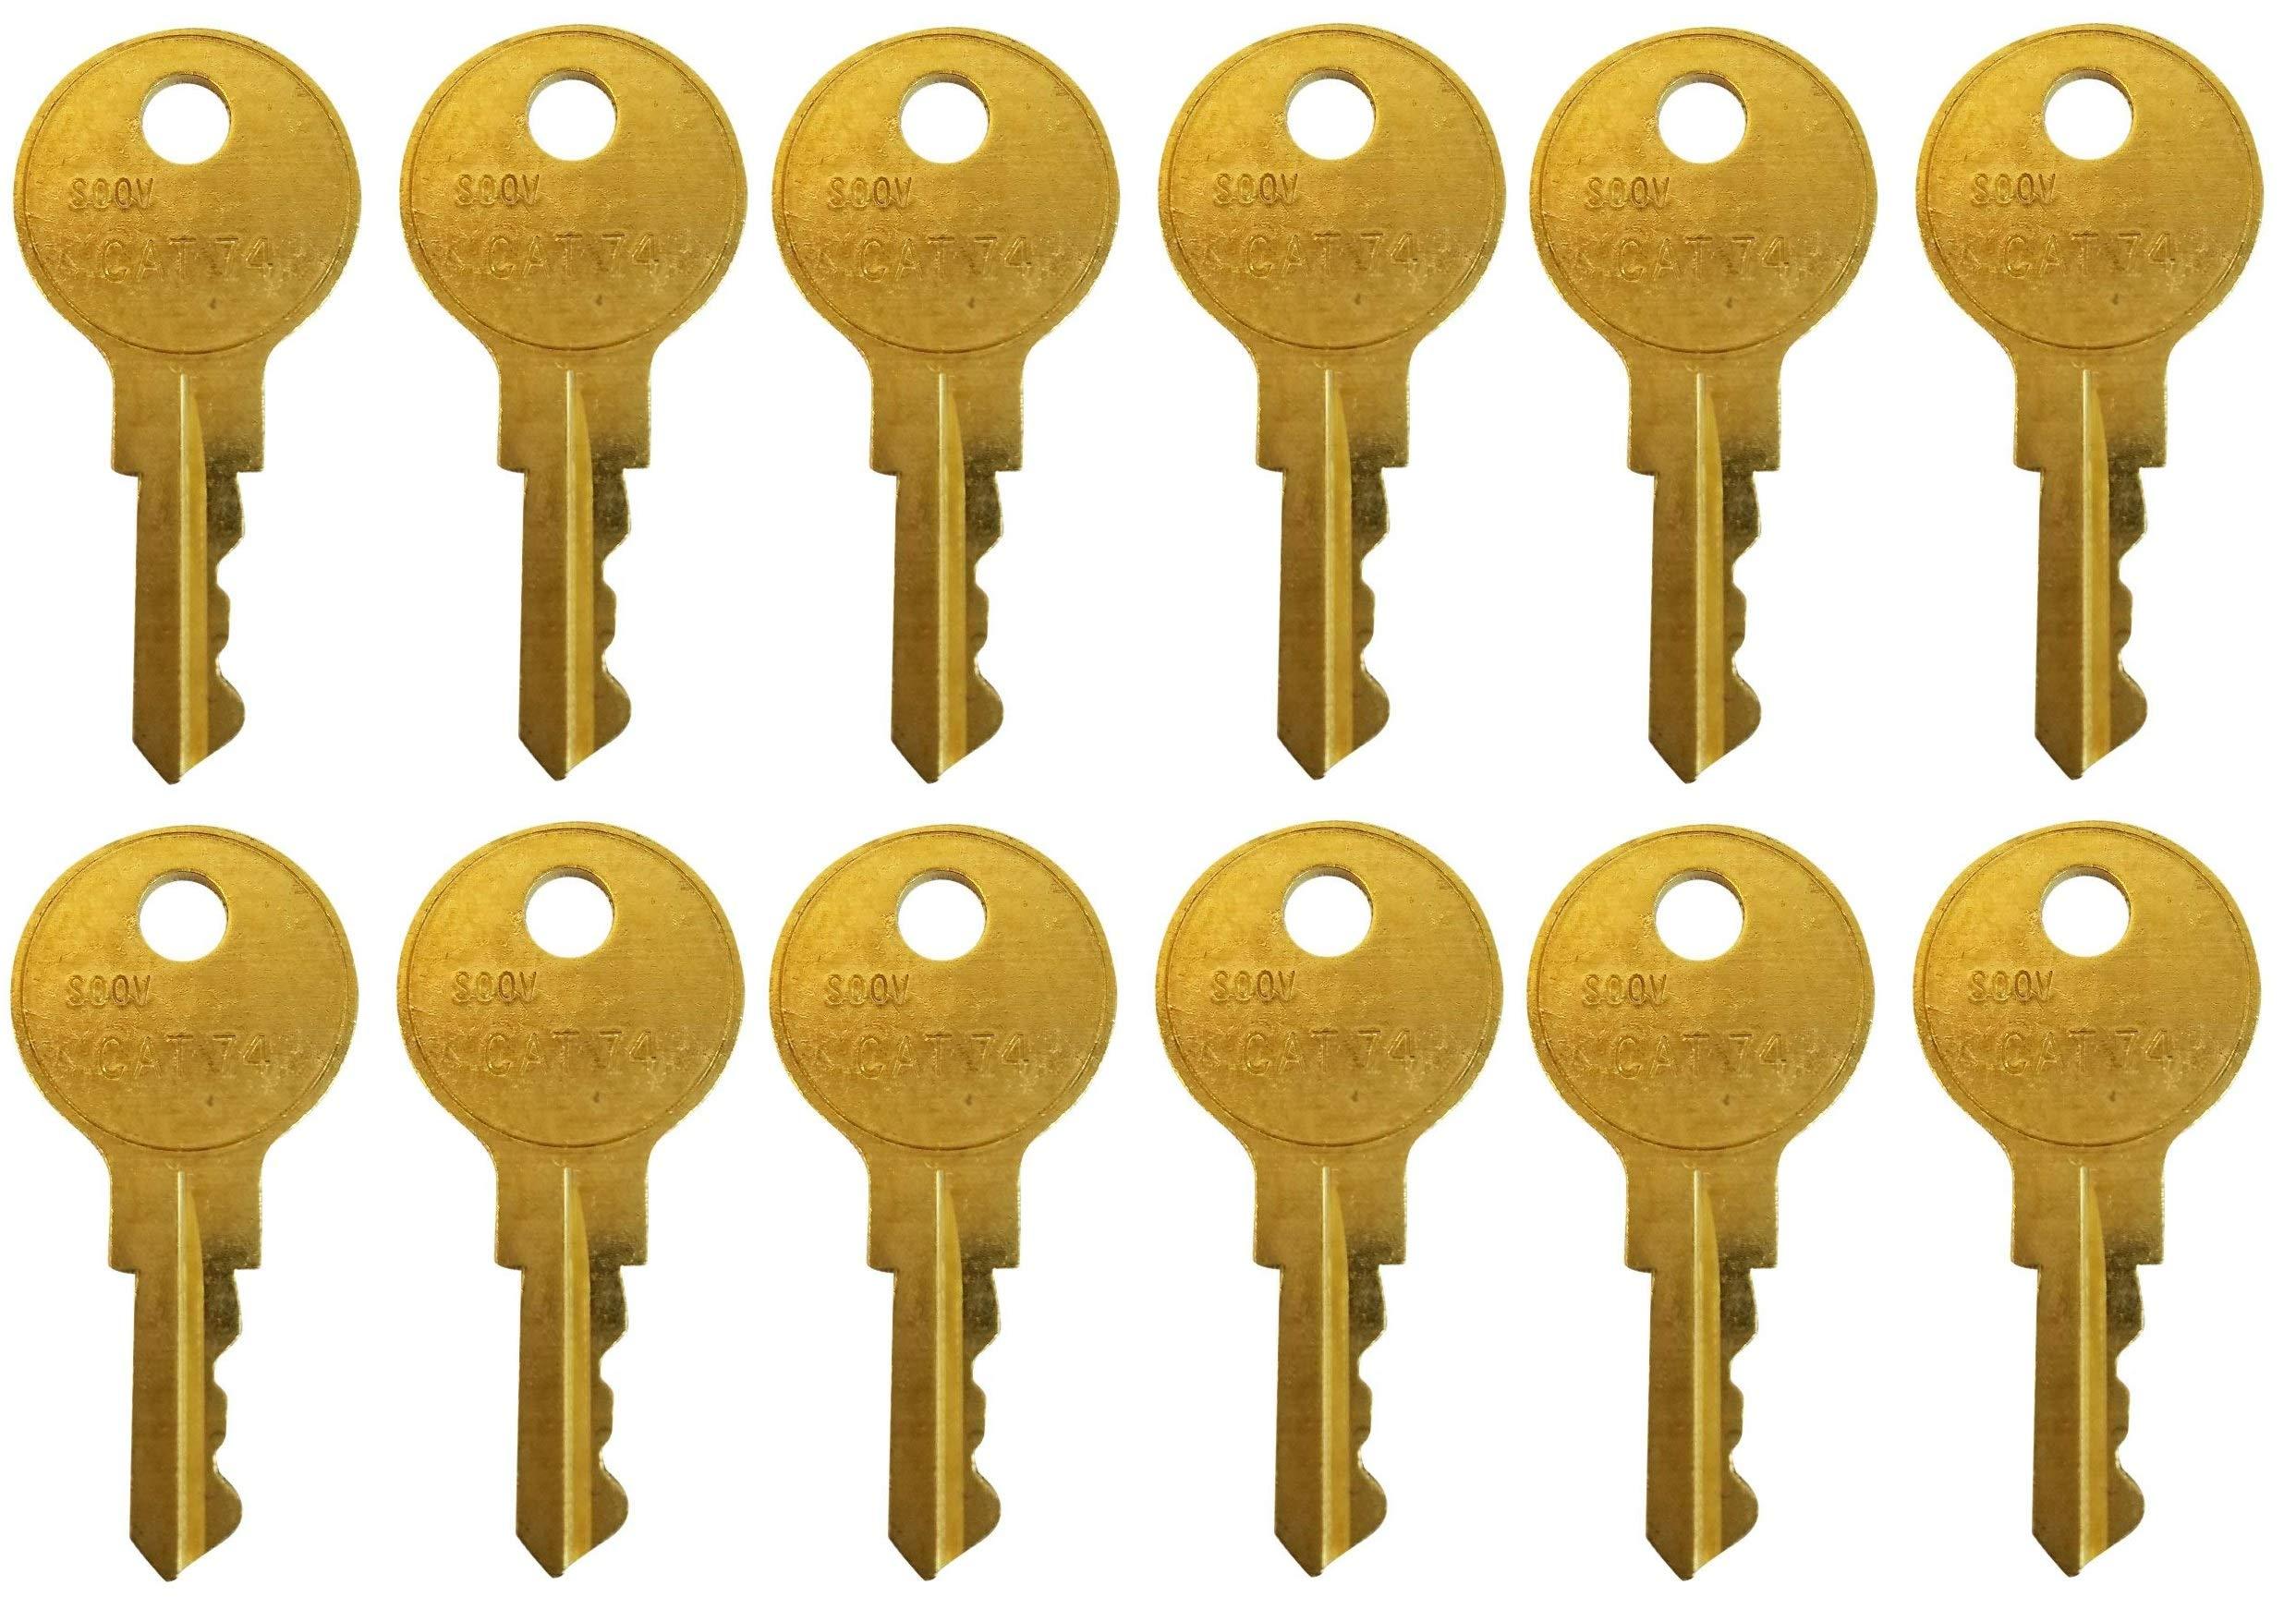 For Your Janitor Bobrick Cat-74 Dispenser Key - 12 Pack of Keys